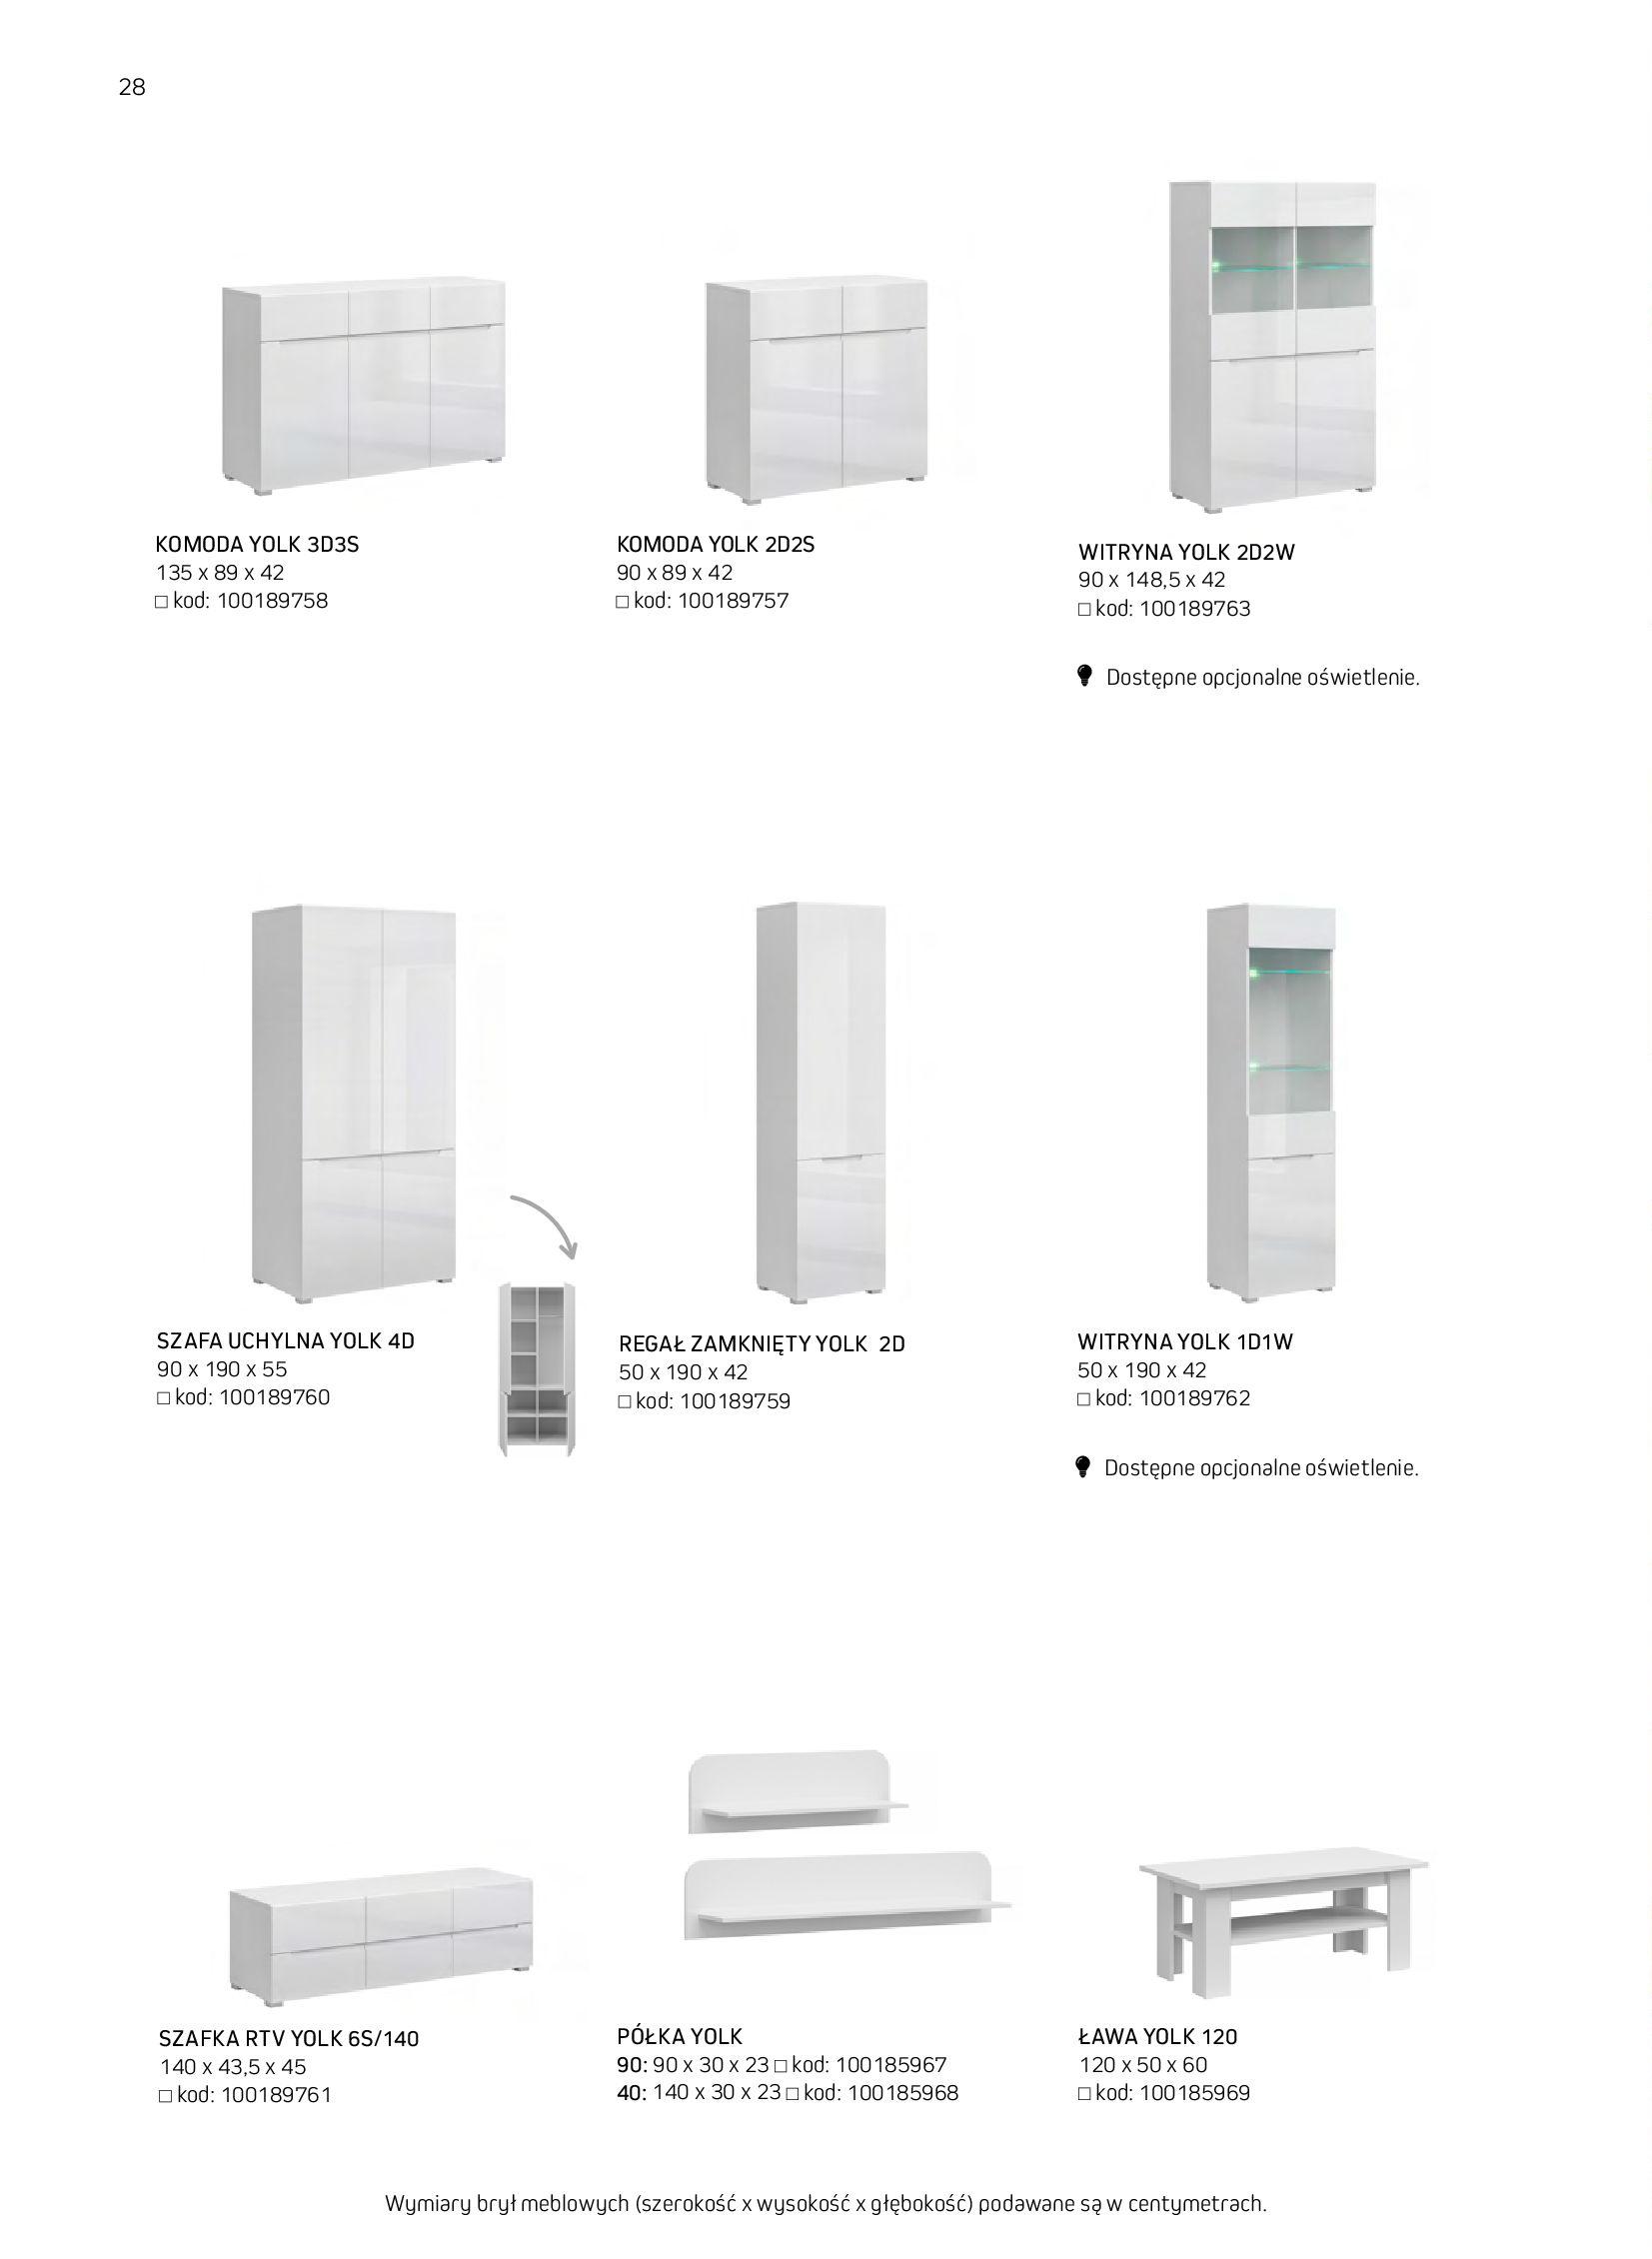 Gazetka Komfort: Gazetka komfort - Meble i oświetlenie 2021-08-26 page-28